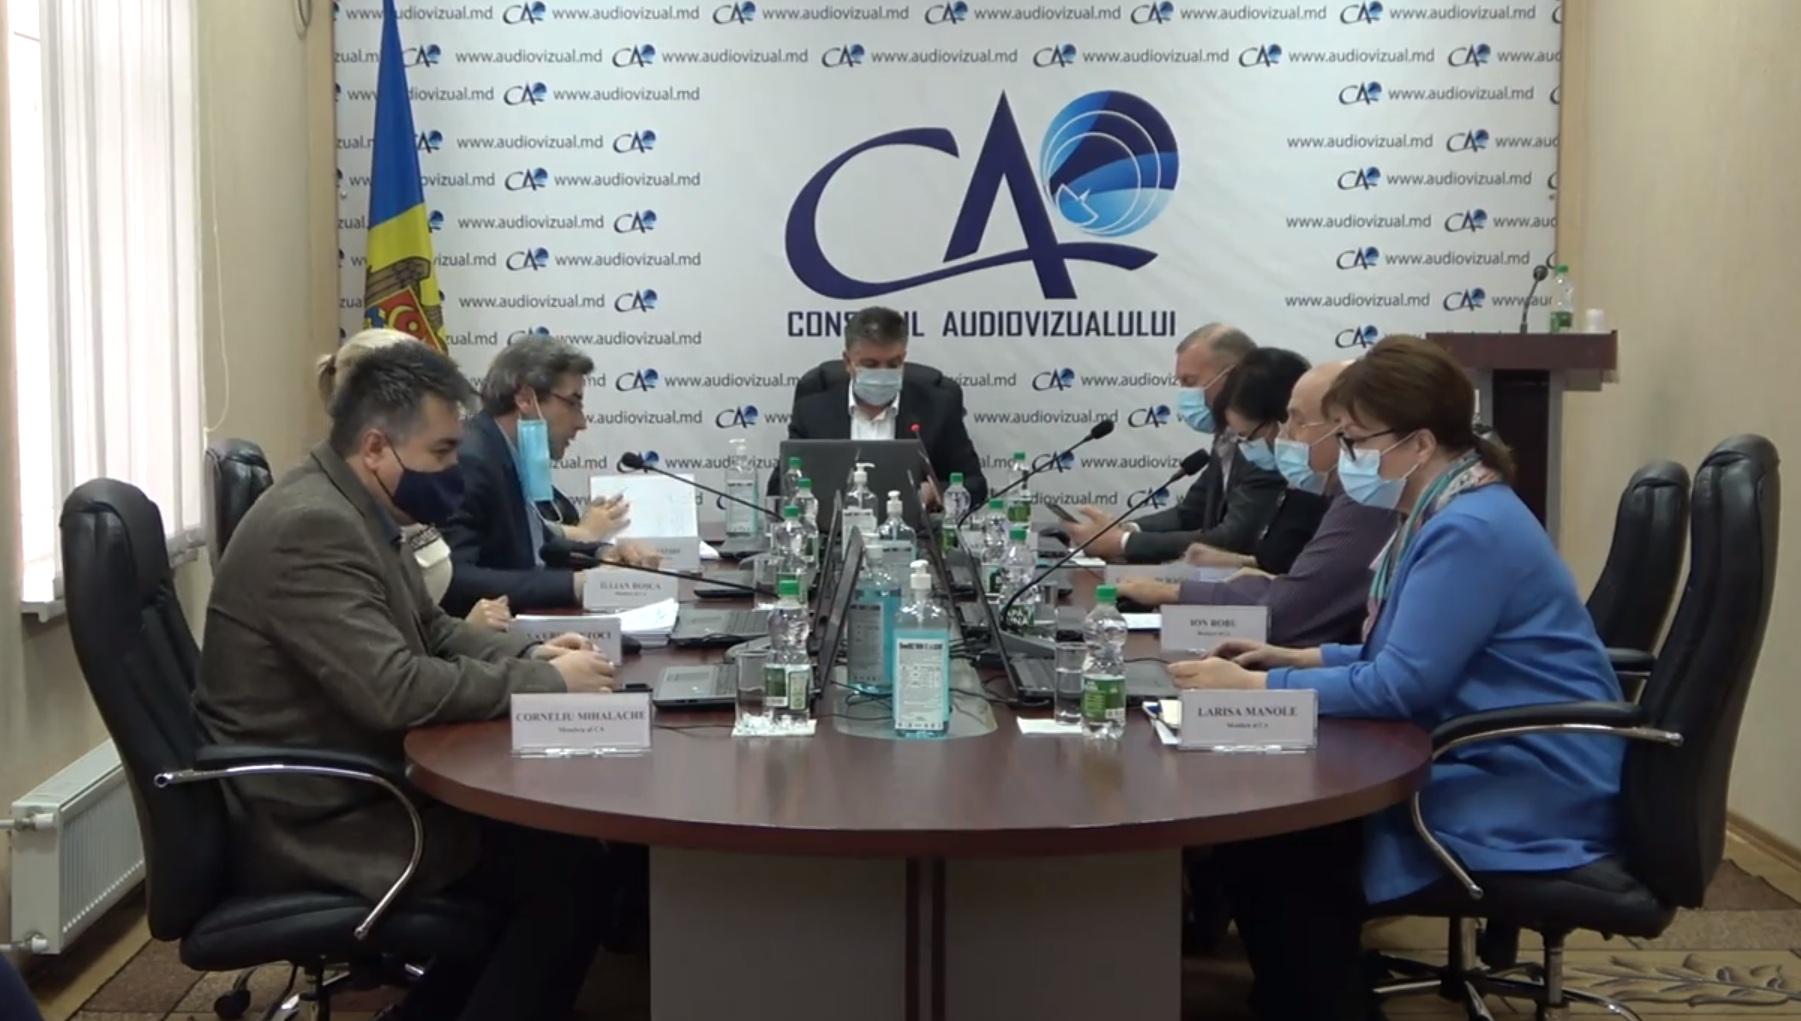 NTV Moldova оштрафован за отсутствие беспристрастности и взвешенного подхода в ток-шоу «Acces Direct»